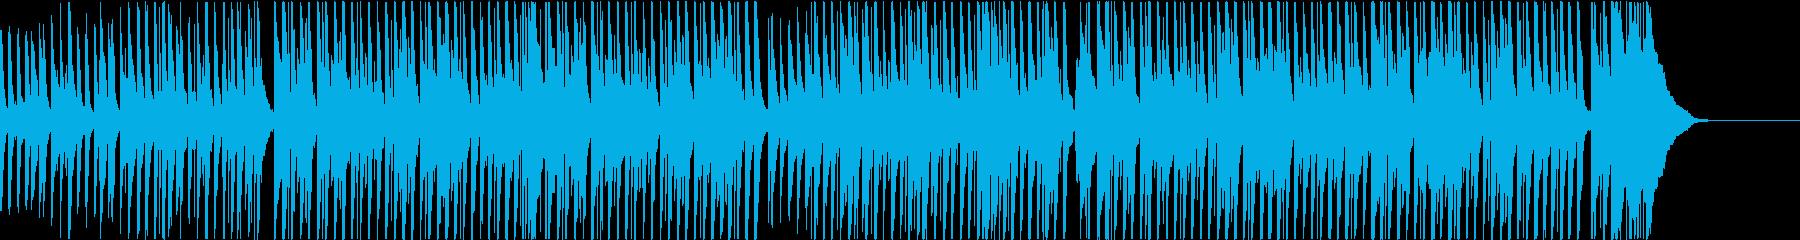 鉄琴とピアノの元気で明るいポップスの再生済みの波形